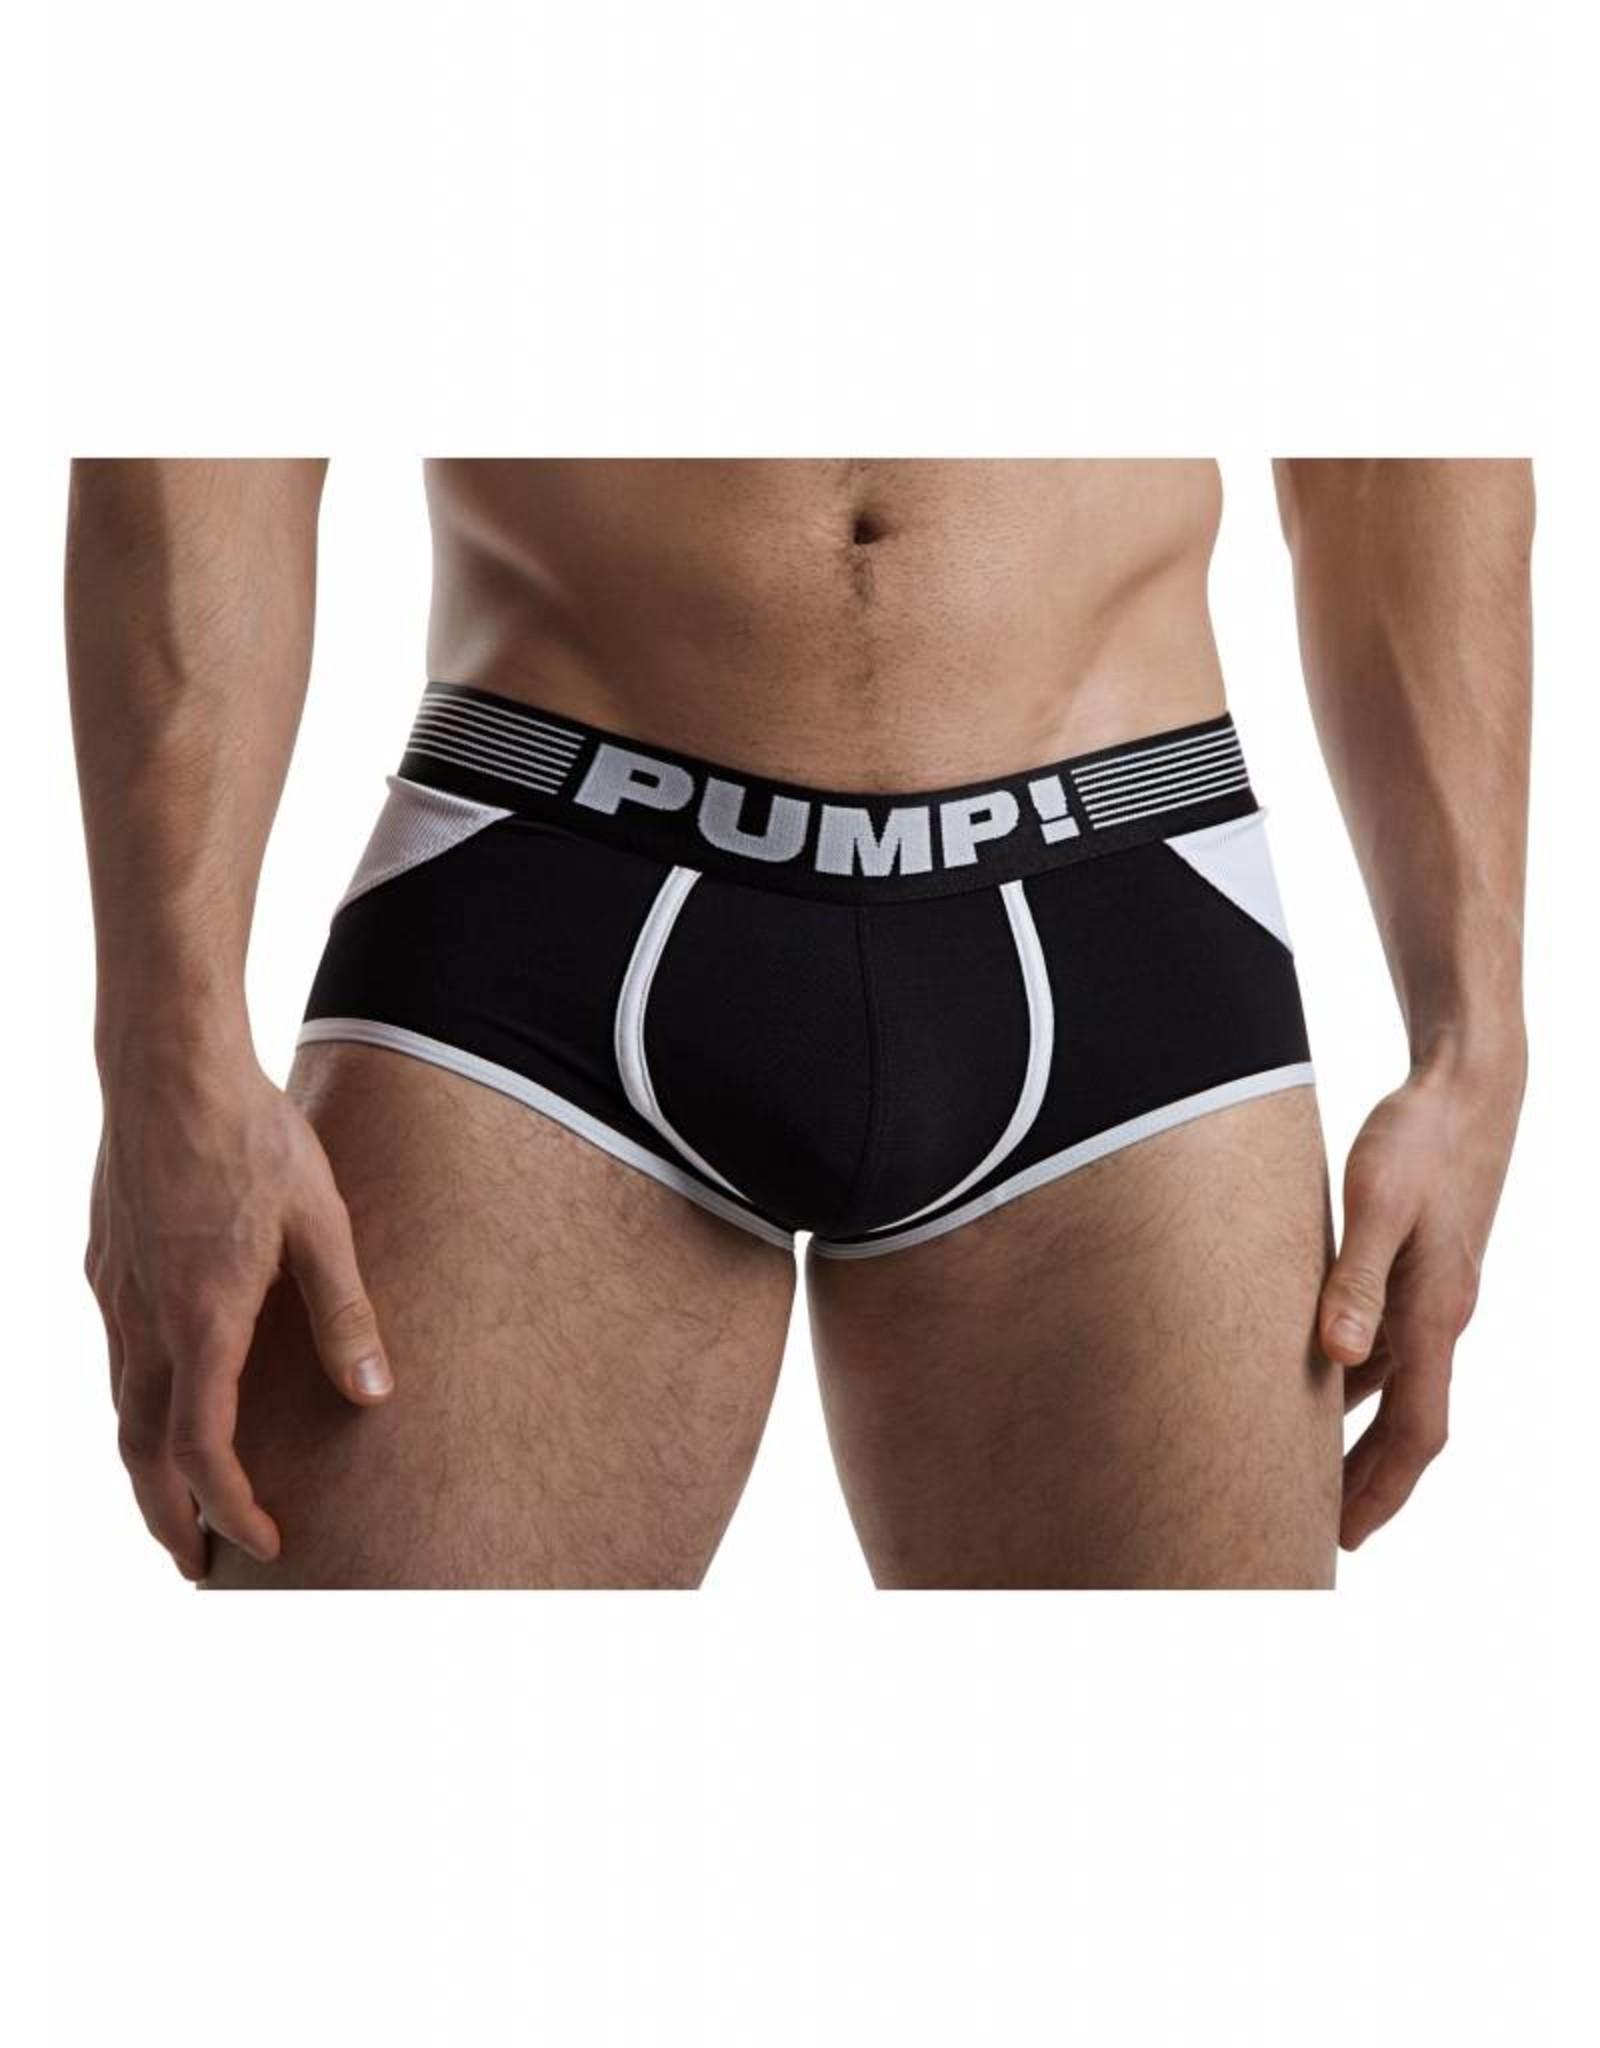 PUMP! PUMP! Access Trunk schwarz